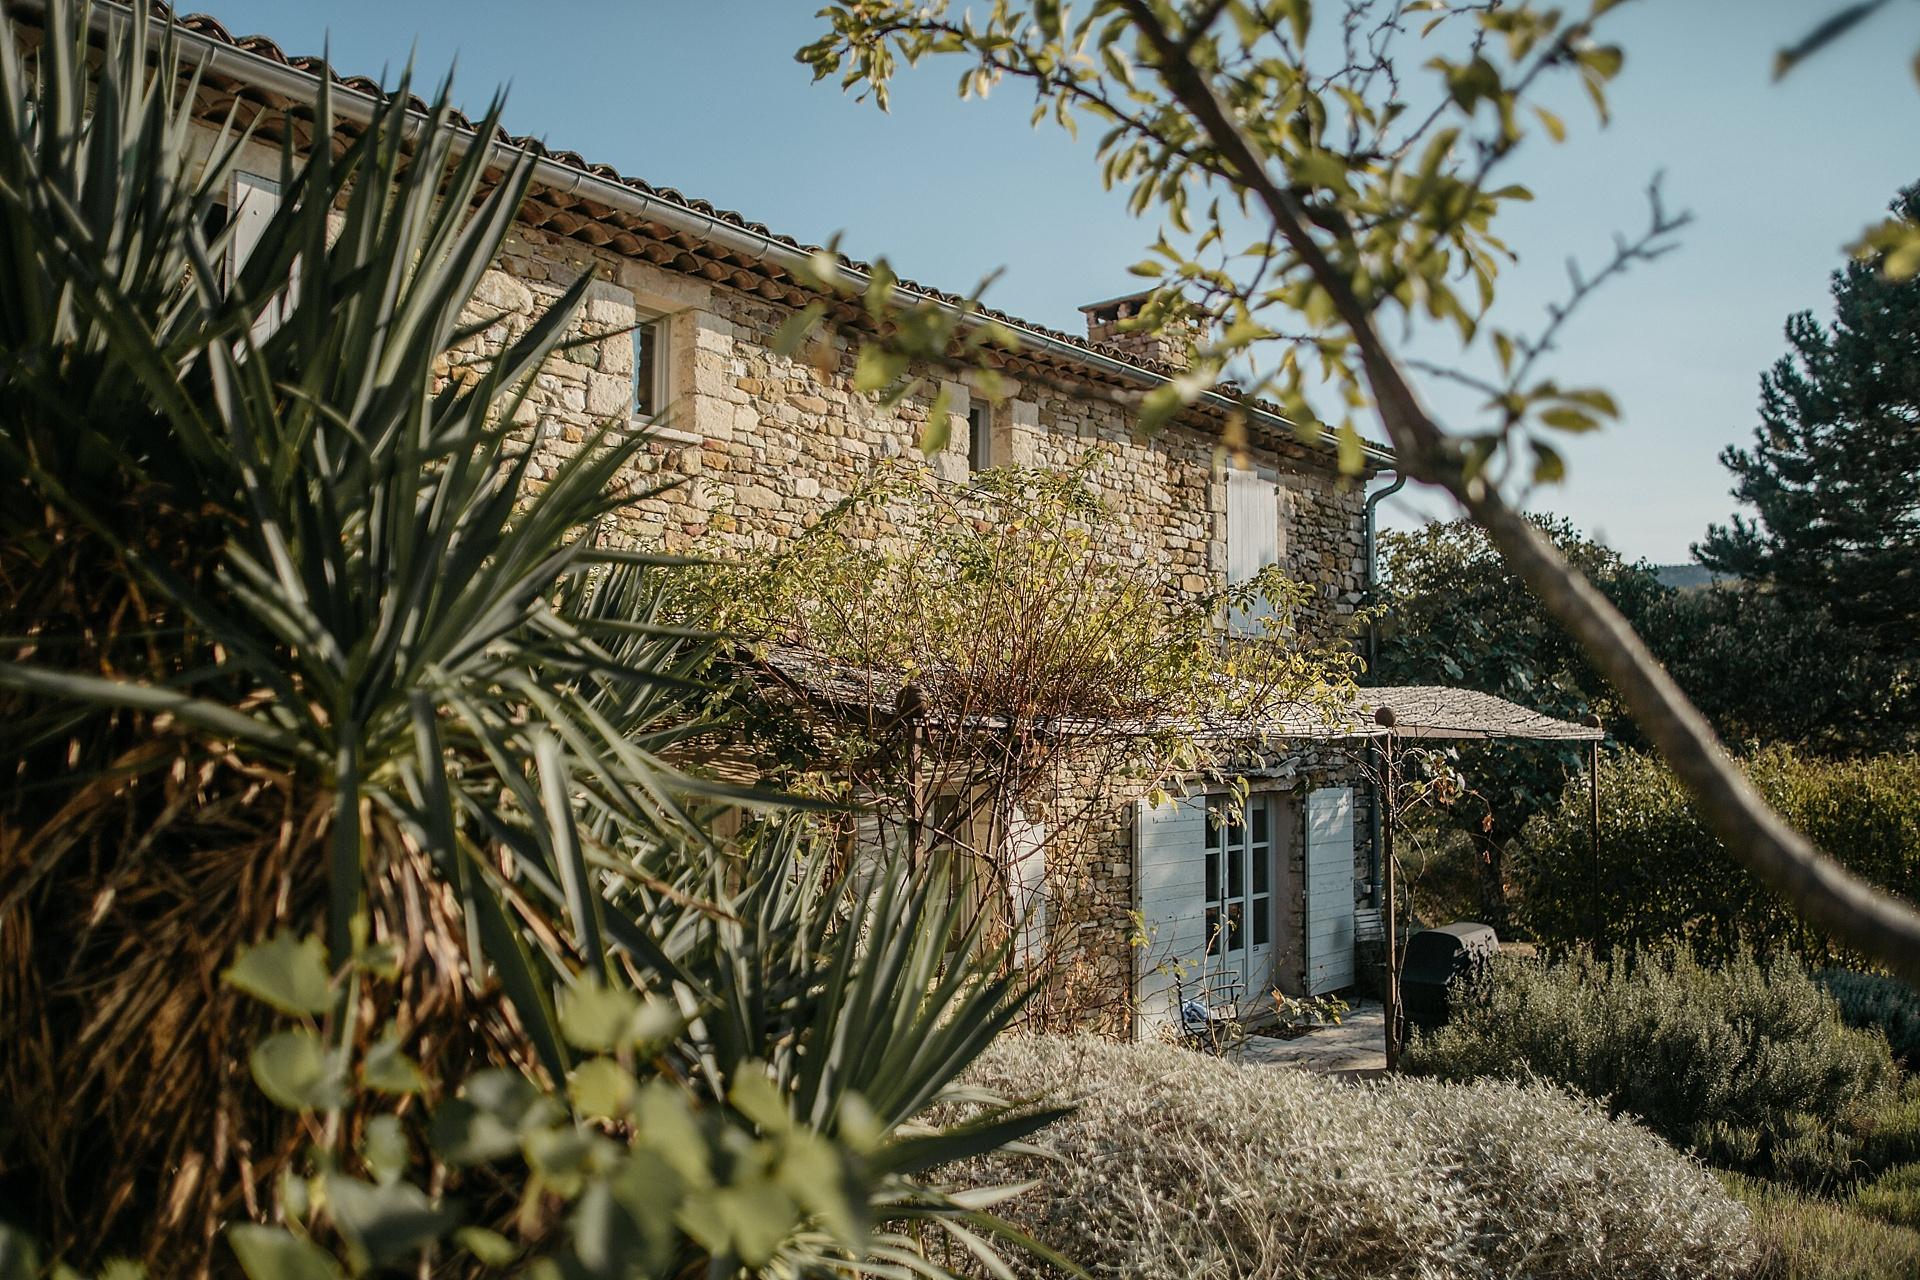 Traumhafte Hochzeit in der Provence. Hameau de Cournille.